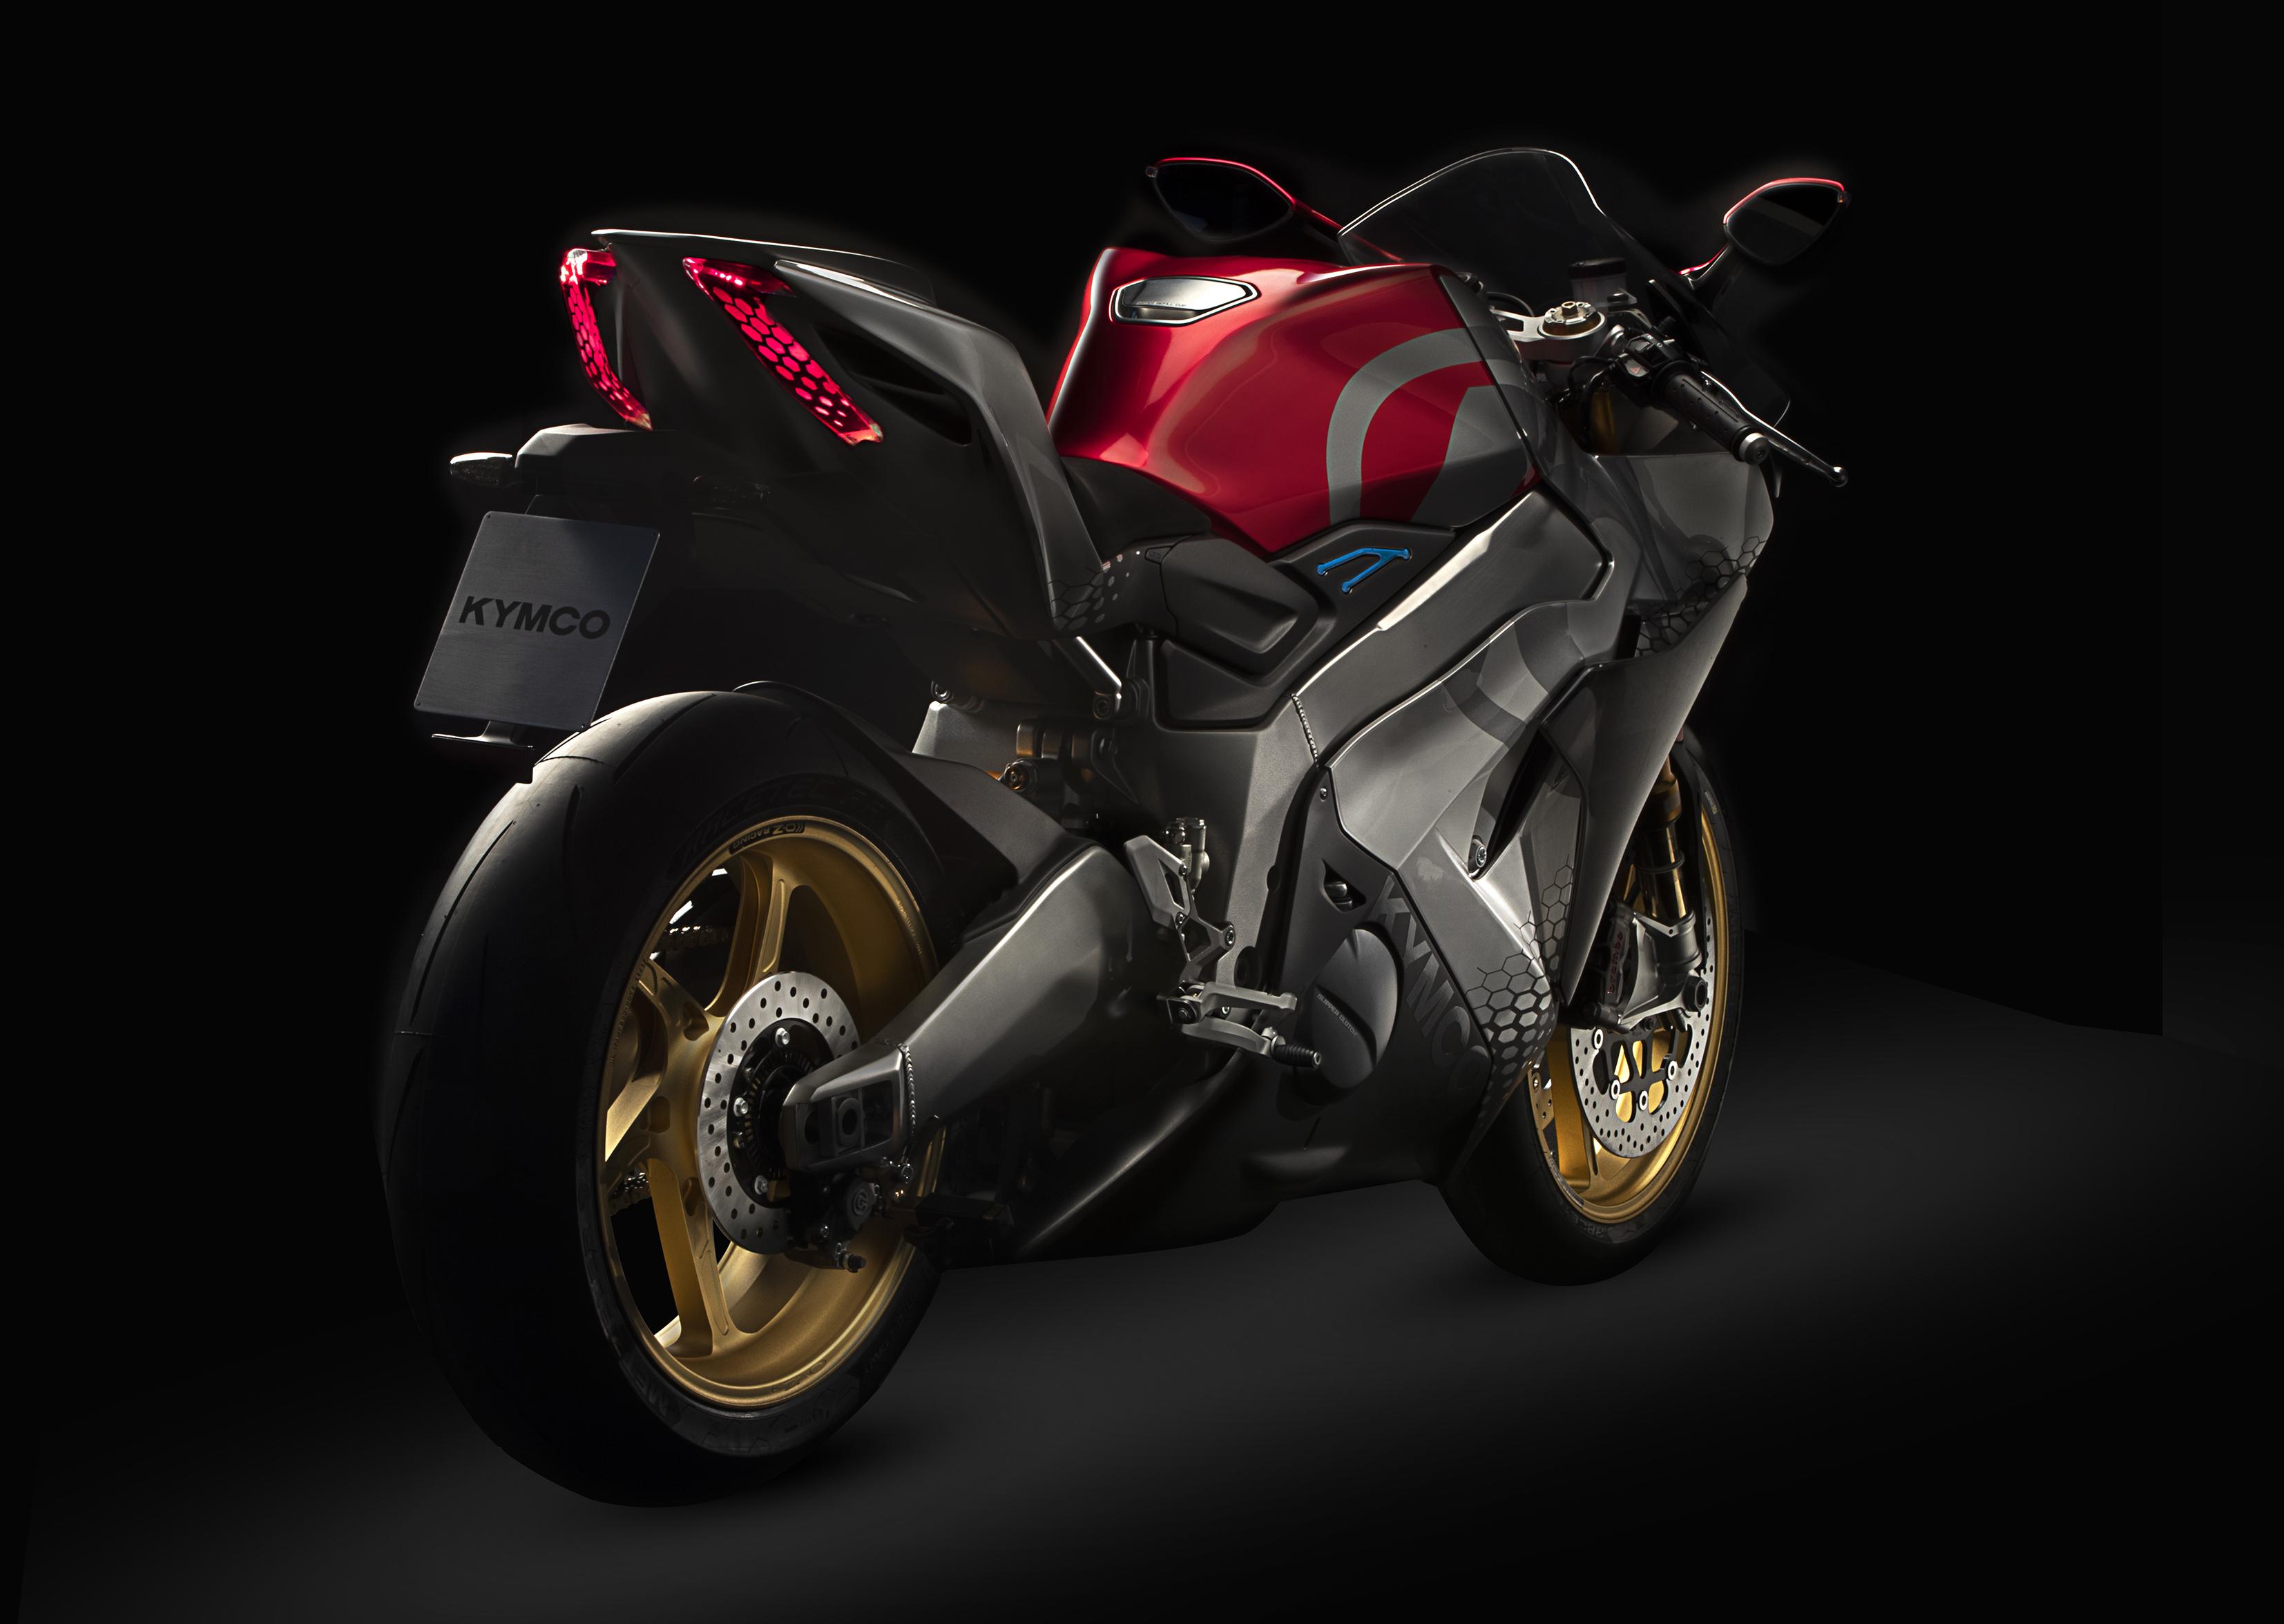 kymco-elektro-motorrad